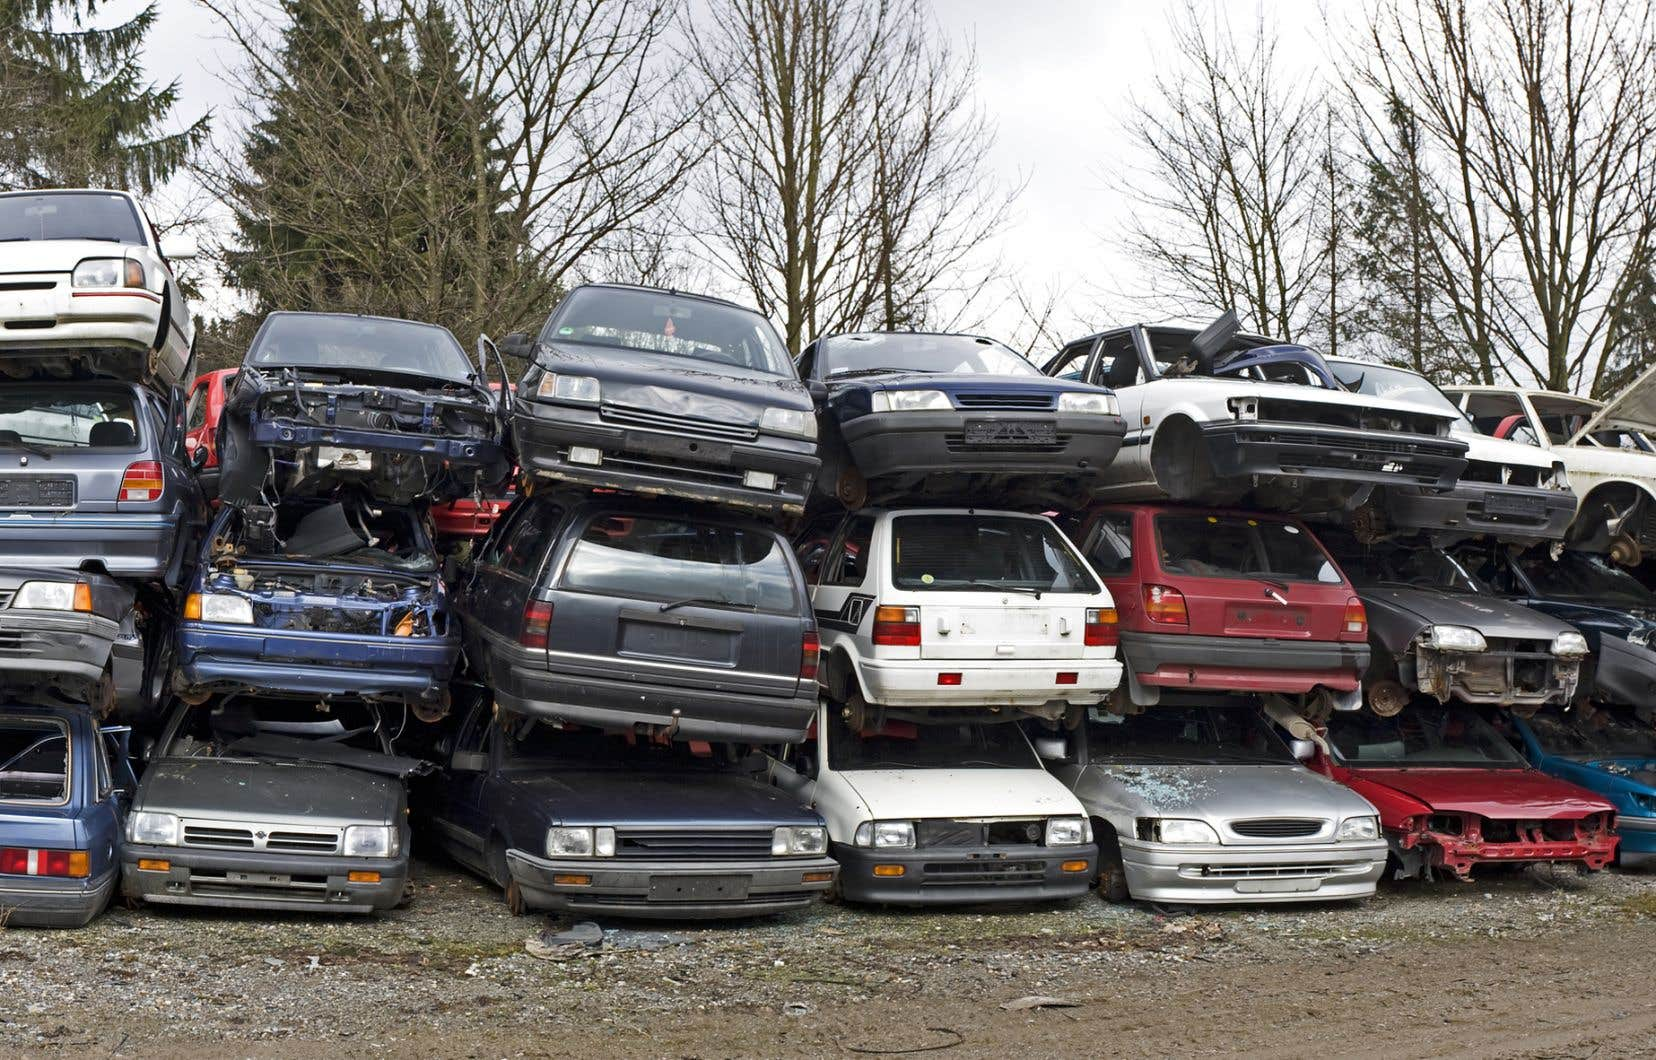 Il y aurait une forte demande d'ingénieurs capables de concevoir des voitures facilement démontables, rapporte l'étude.